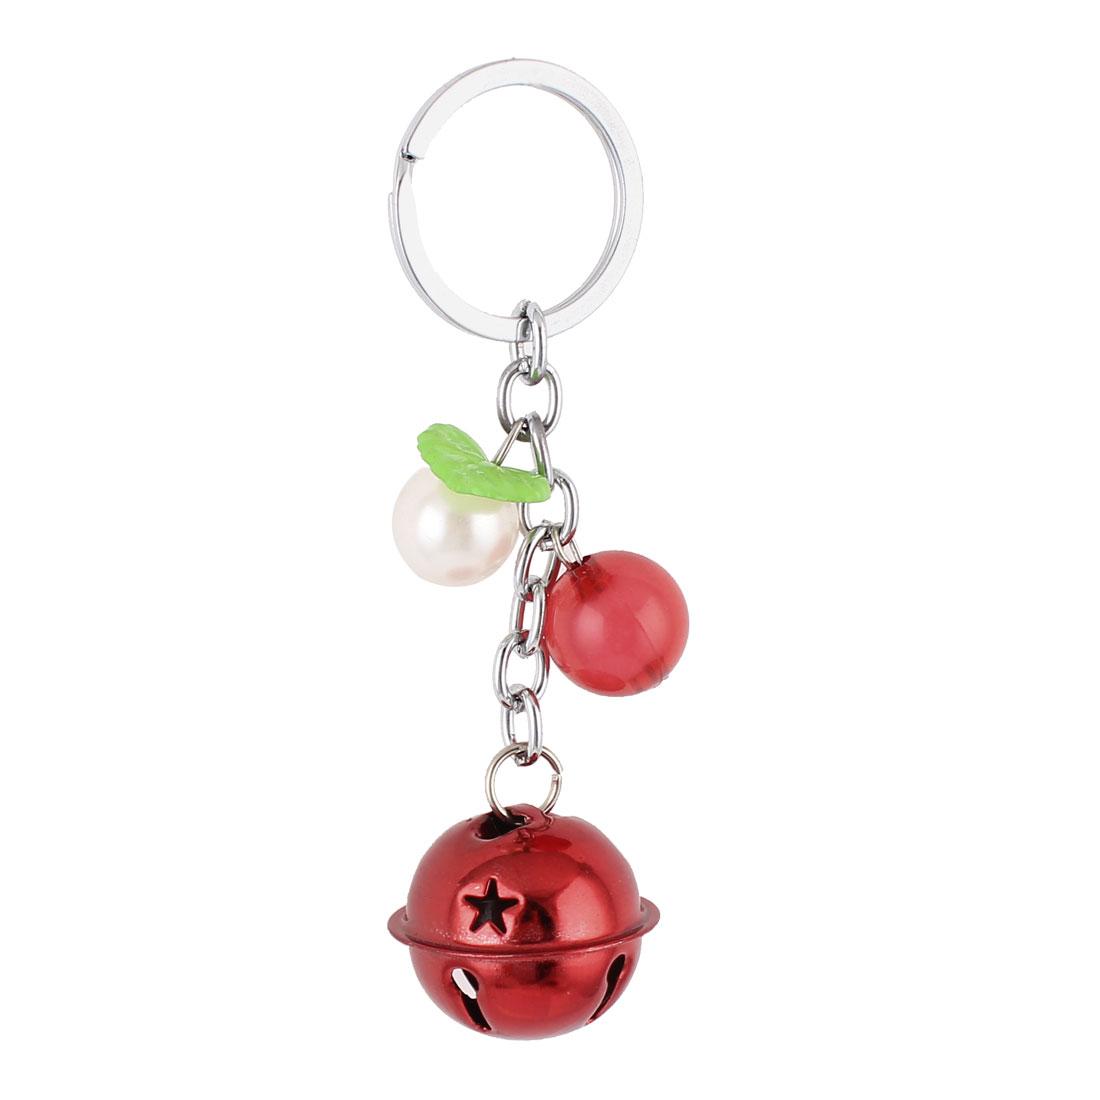 Bells Beads Detail Split Ring Keyring Keychain Key Holder Bag Purse Ornament Red White